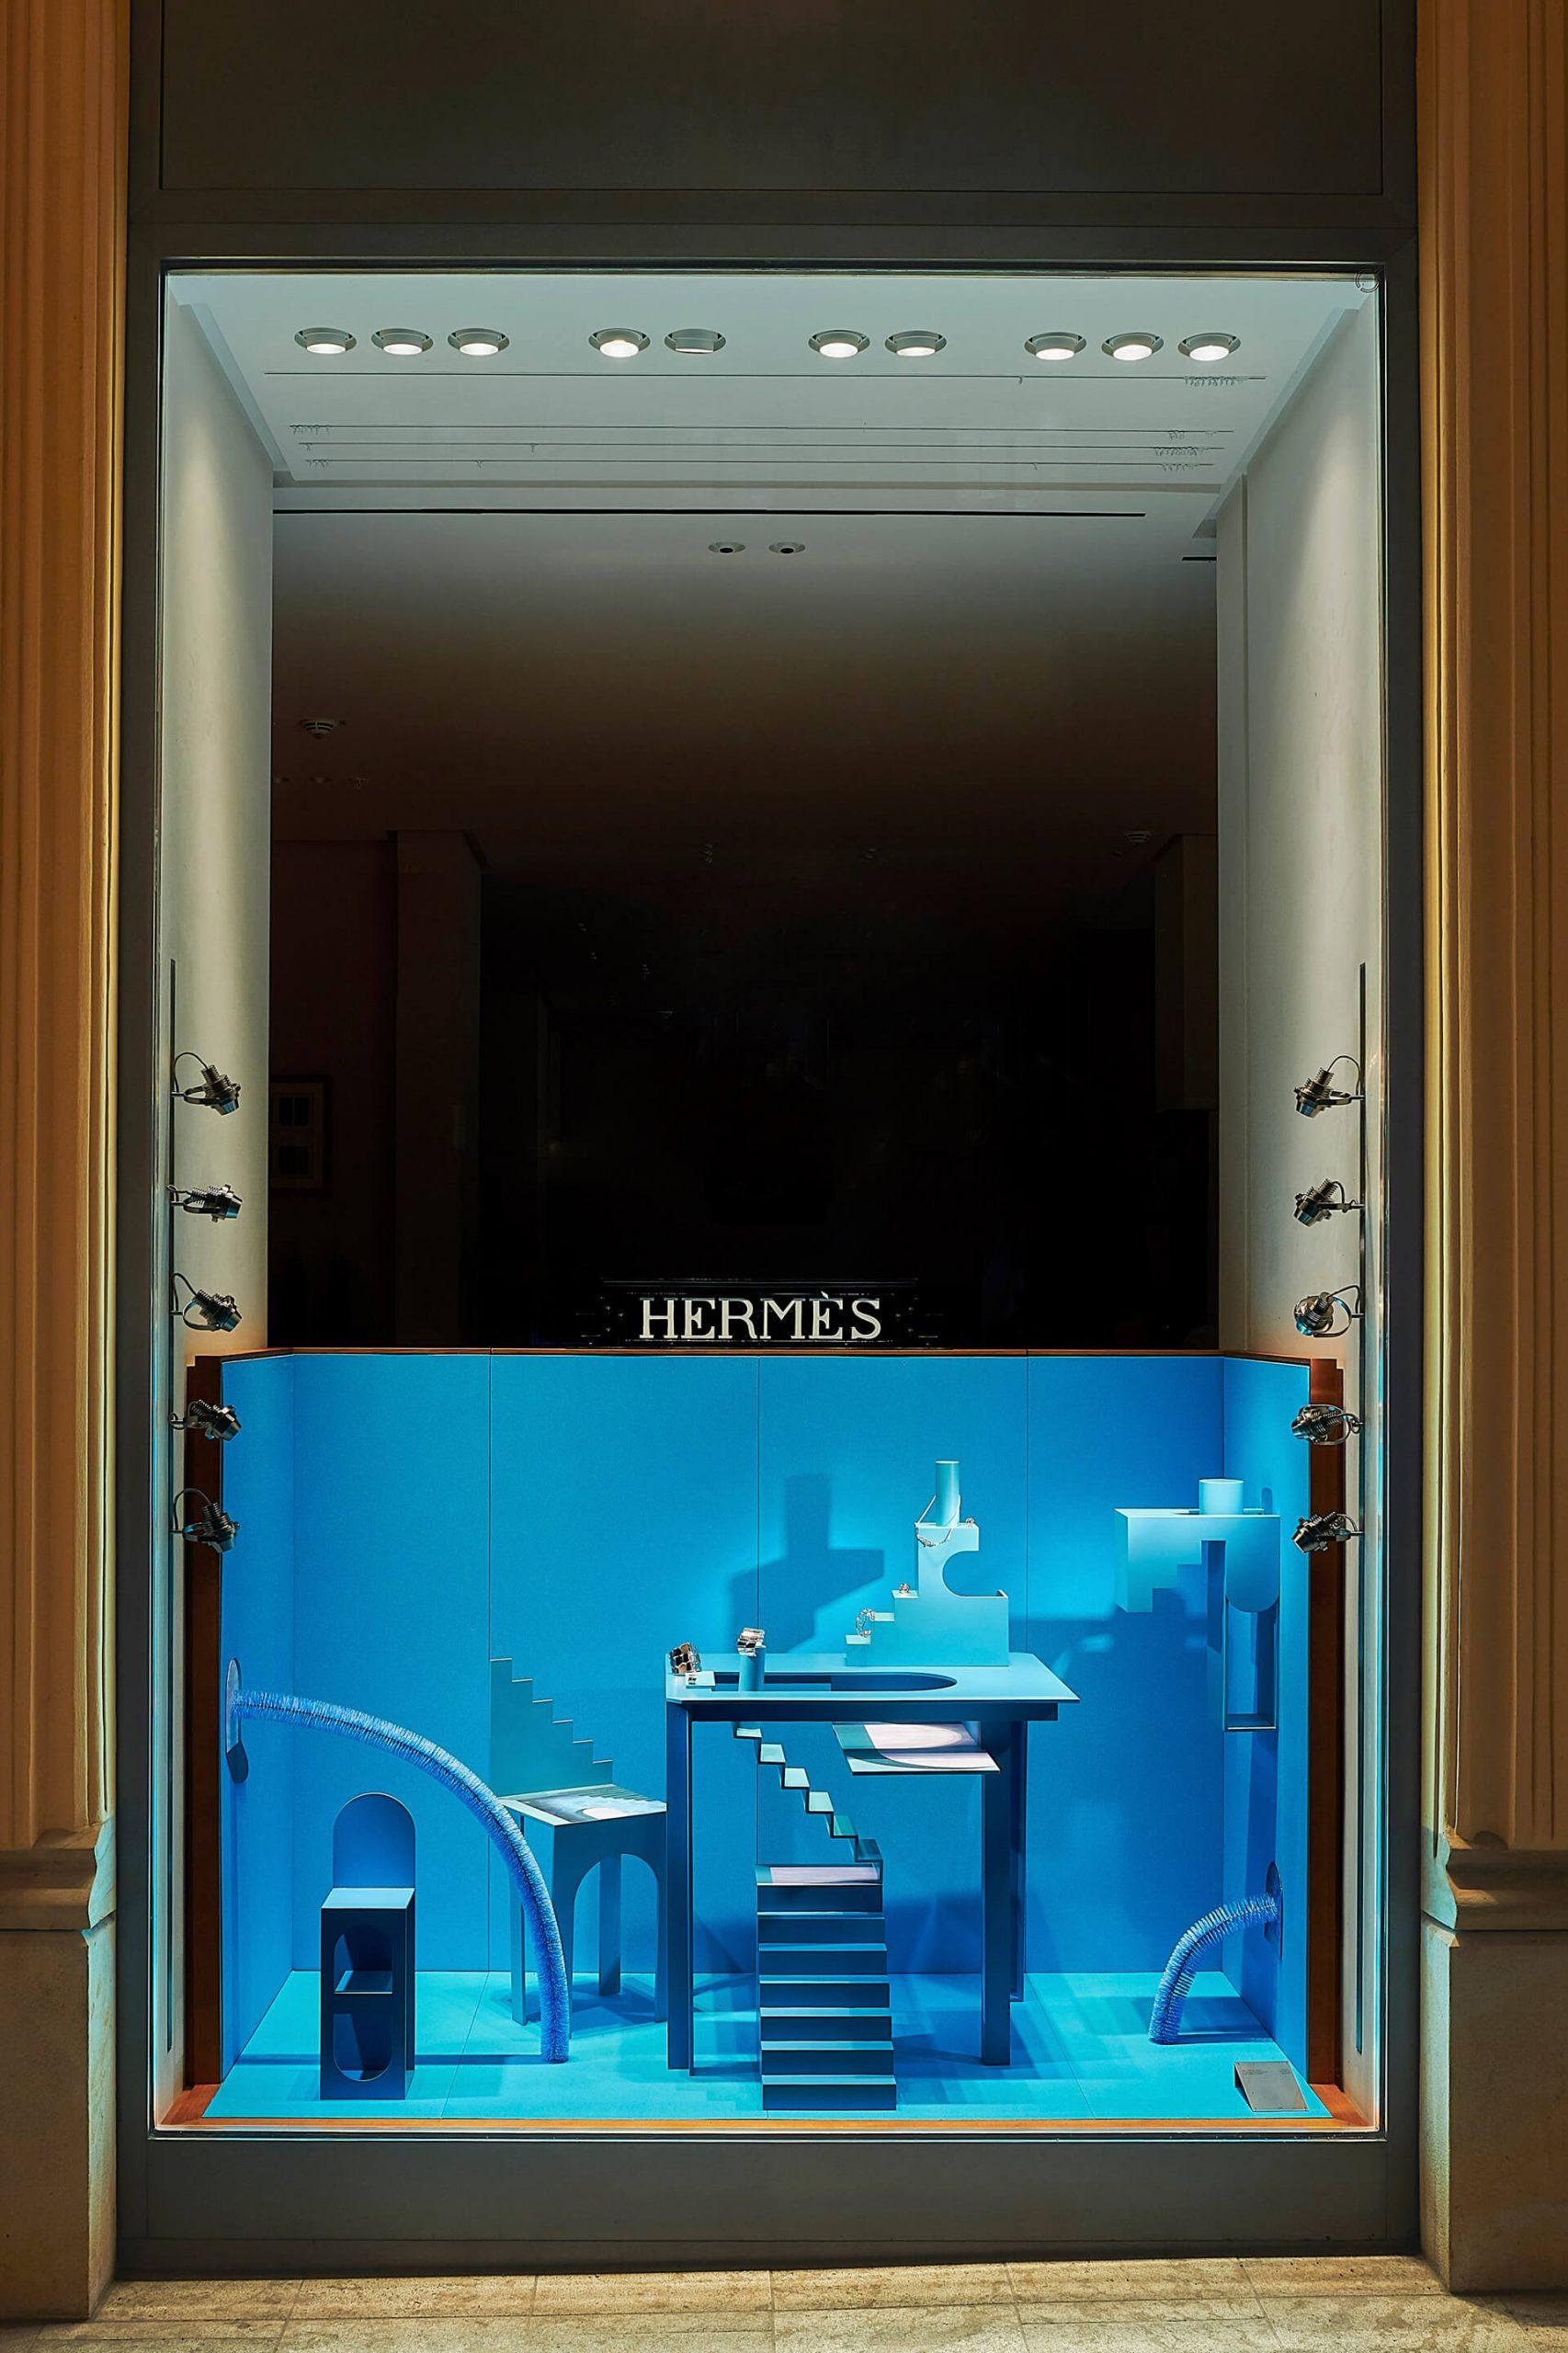 hermes-window-spring19-7